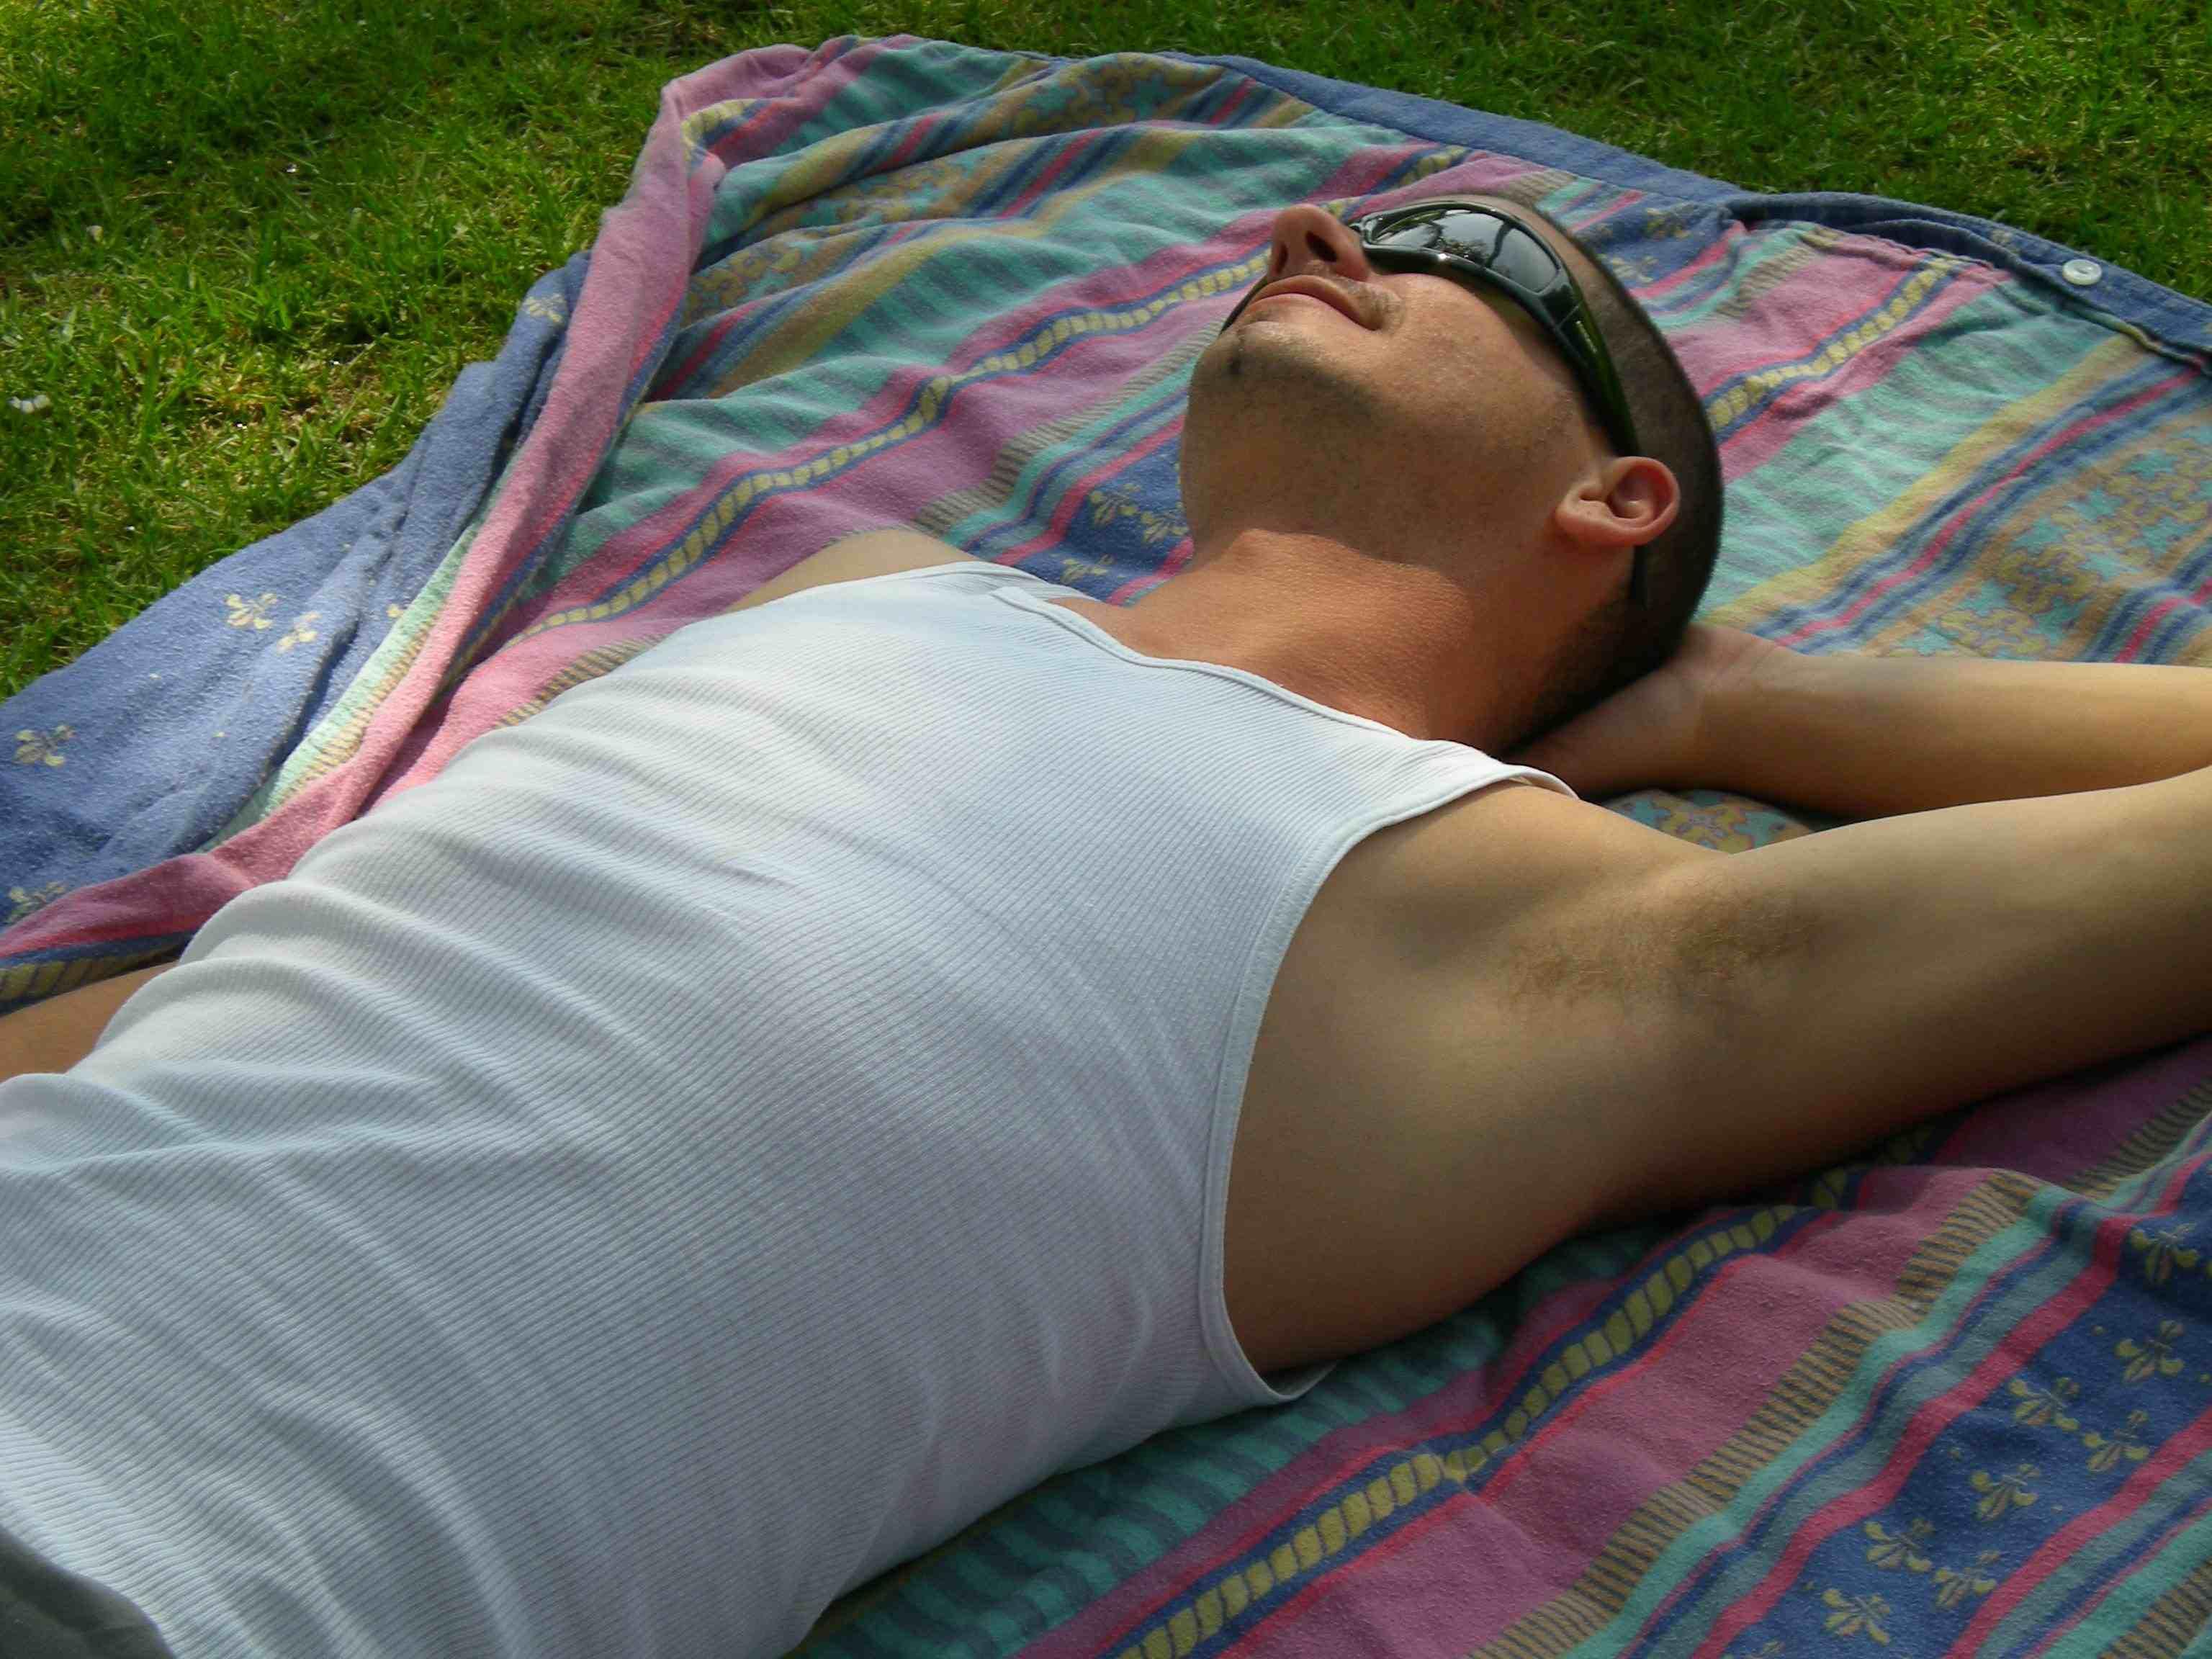 1e12991fc Israelere har mindre fritid til å slappe av enn OECD-gjennomsnittet ...